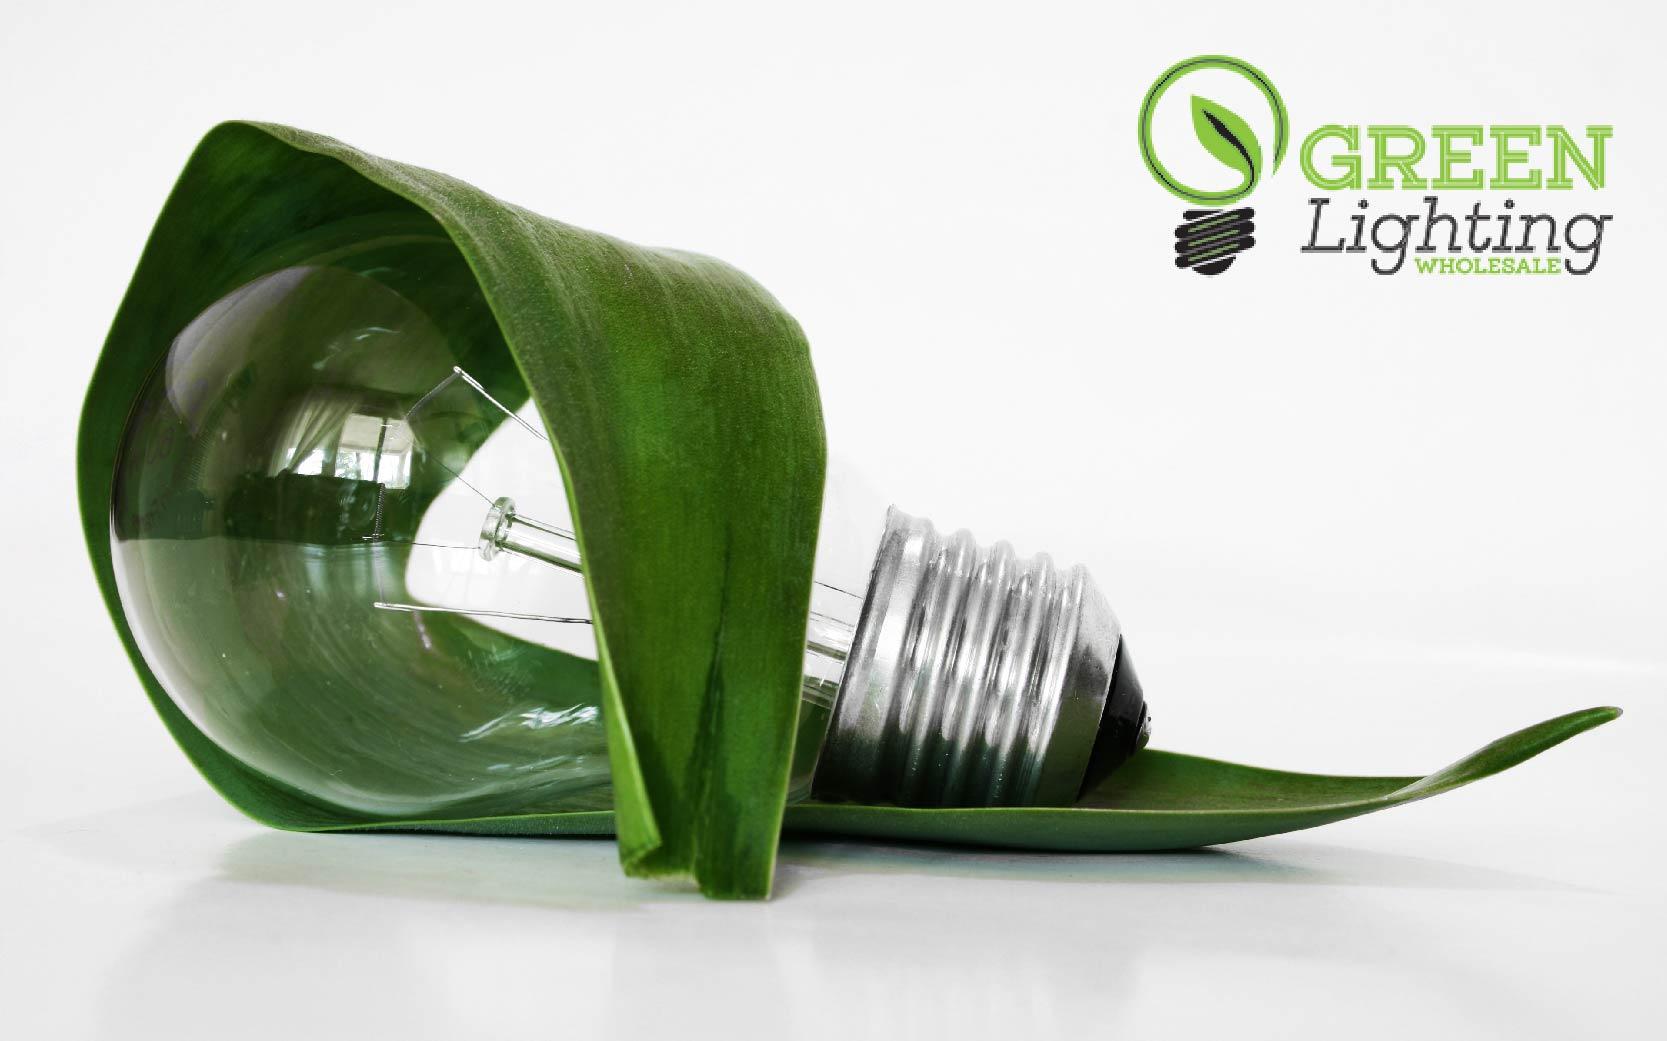 Green lighting and fixtures